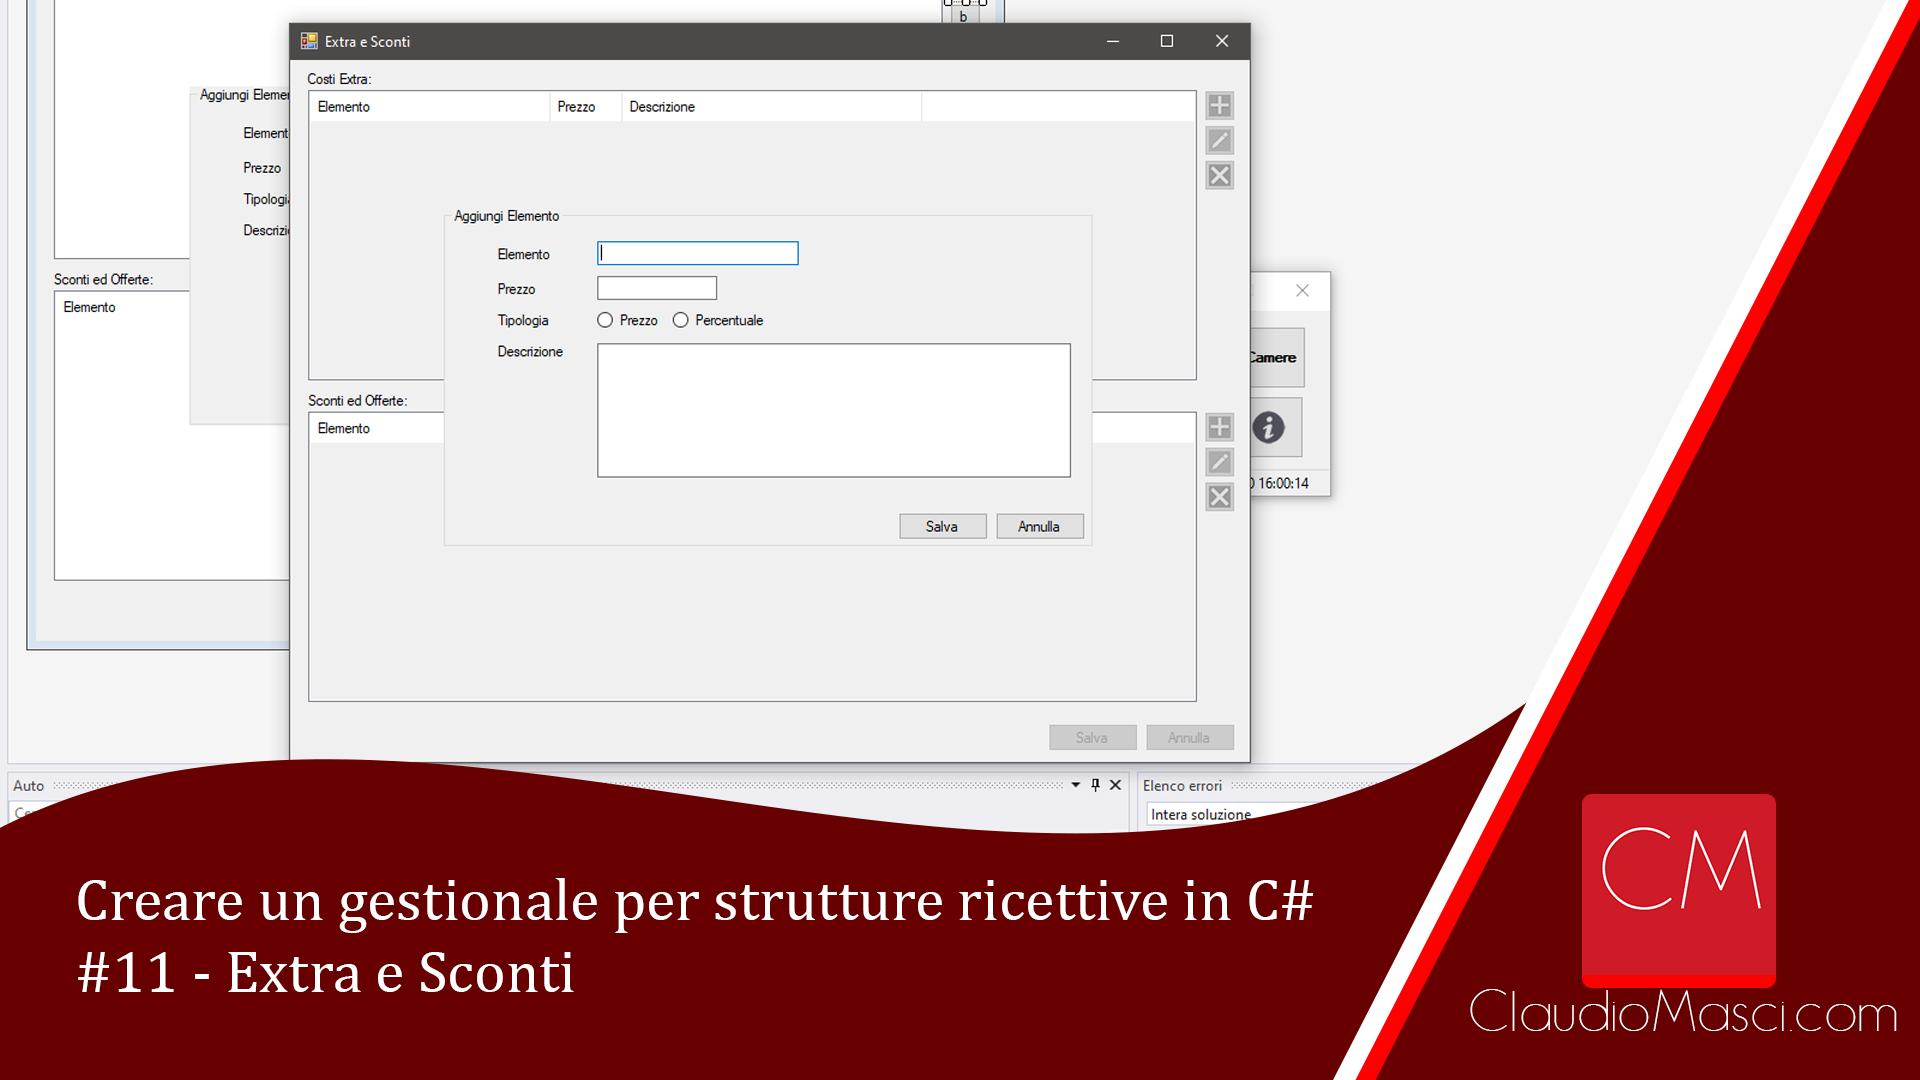 Creare un gestionale per strutture ricettive in C# – #11 – Extra e Sconti